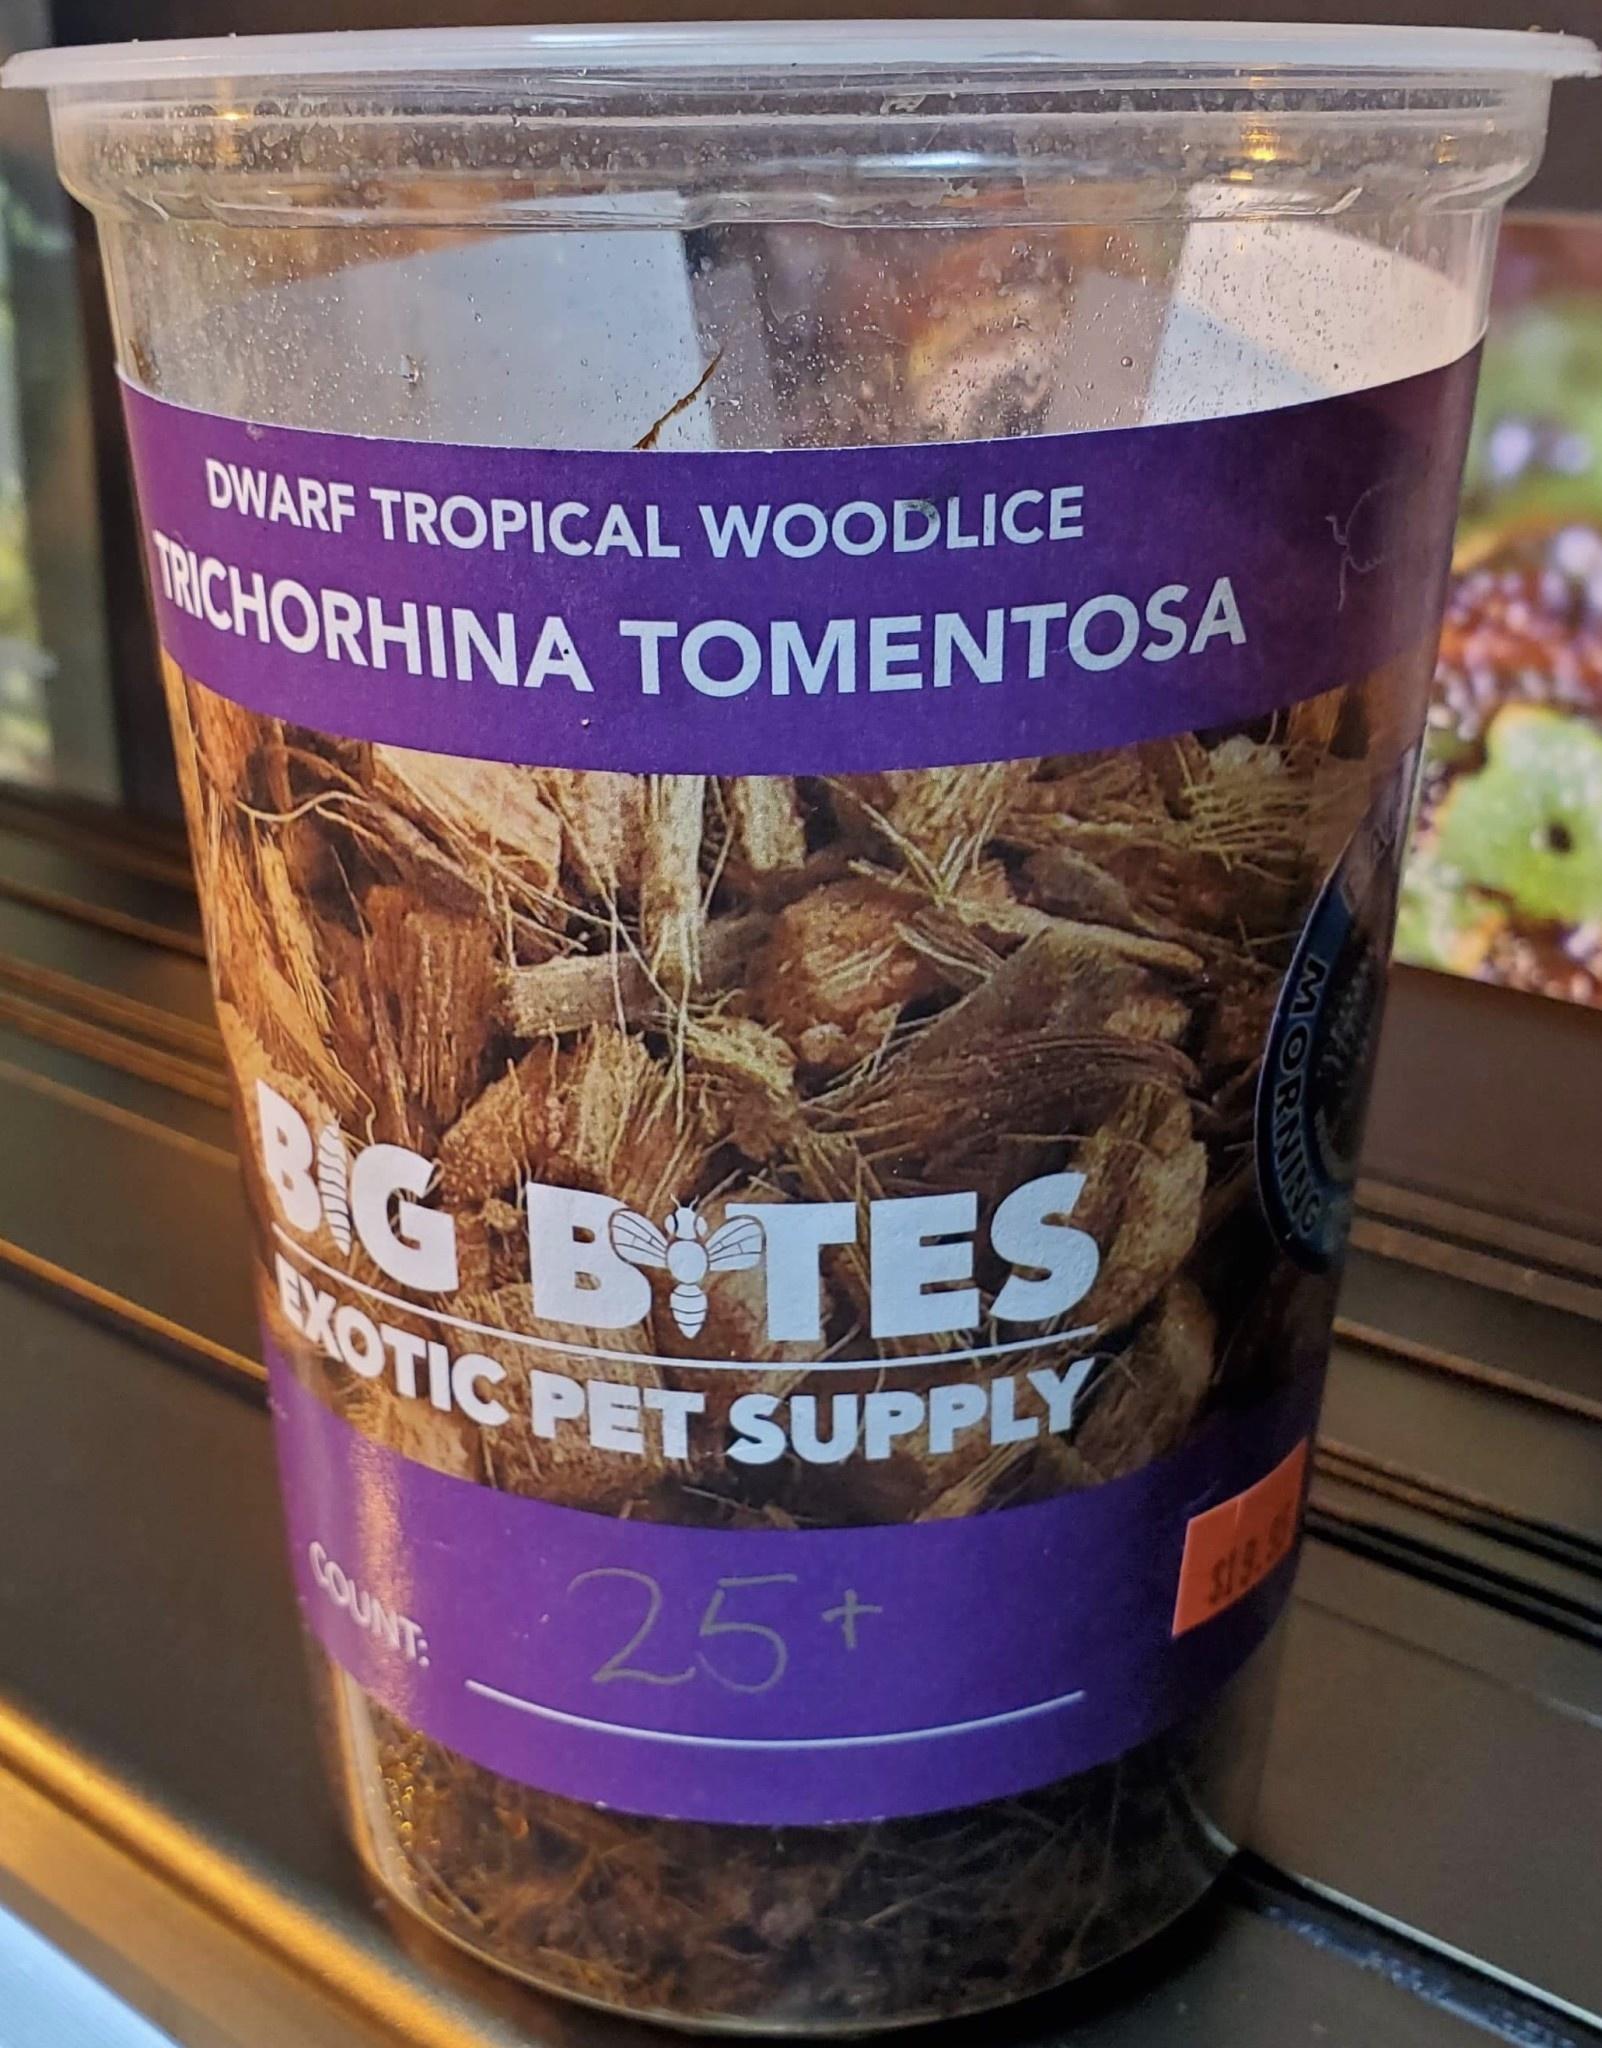 Big Bites Culture de Cloporte Isopod Wood Lice 25+ Pack